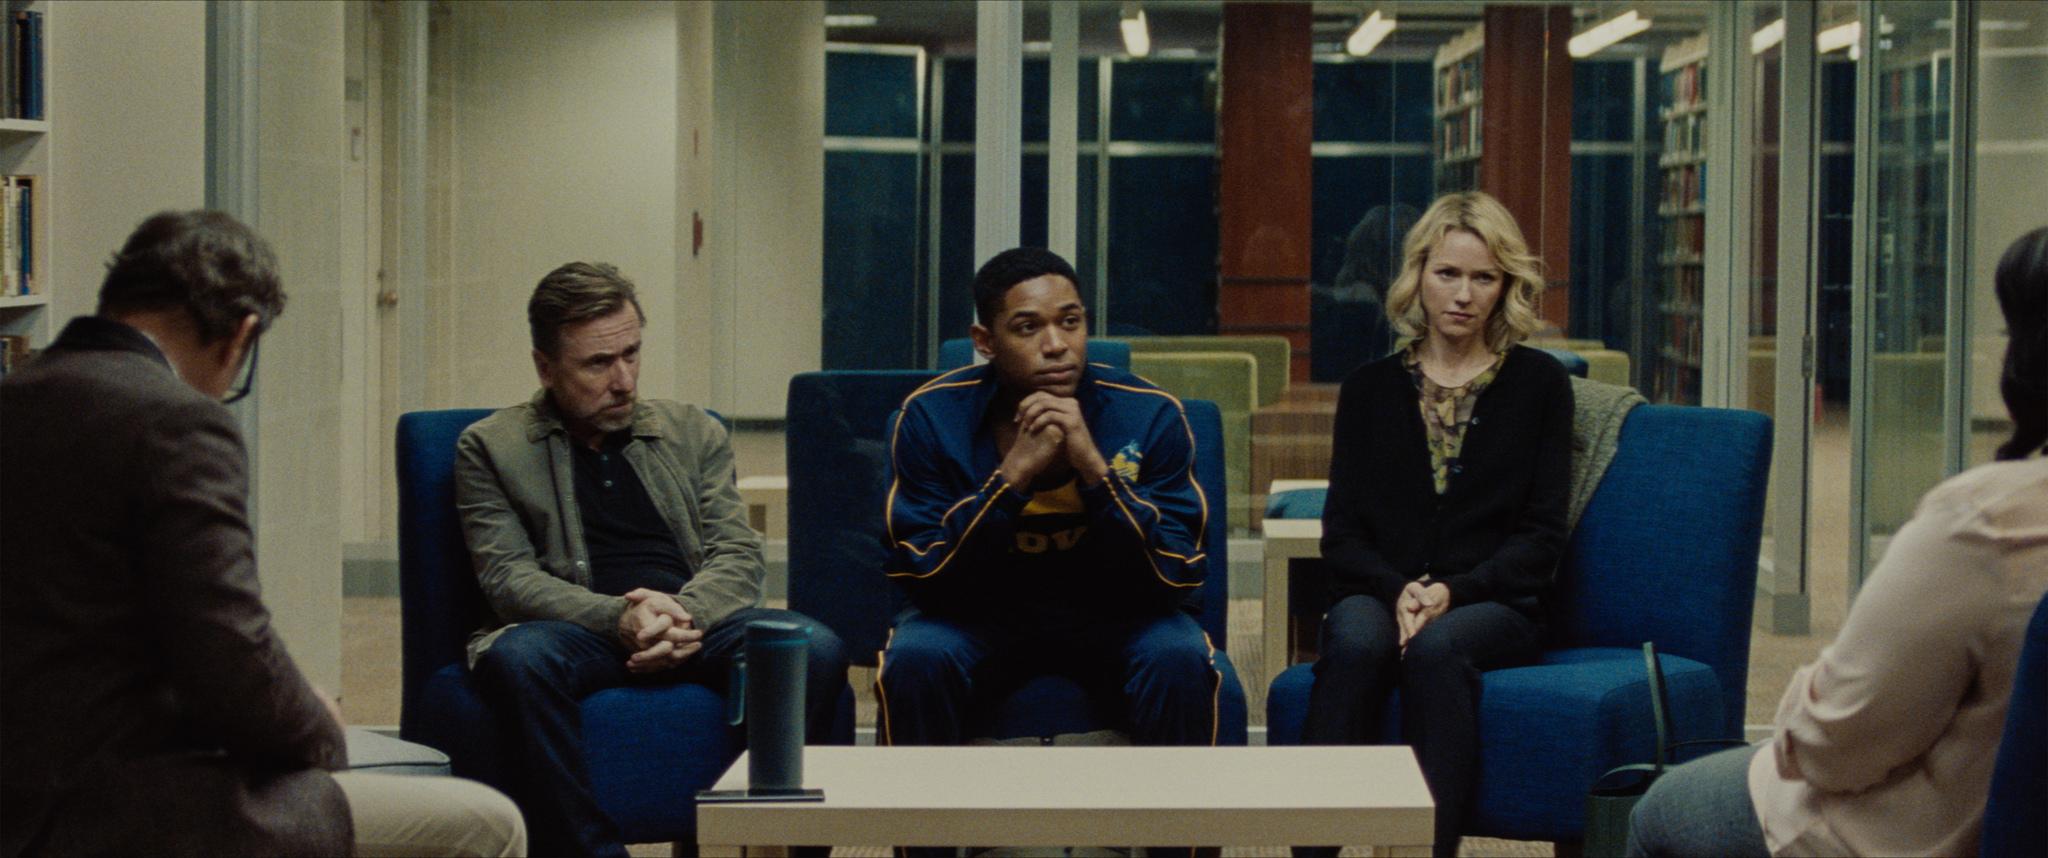 El thriller psicológico Luce de Neon libera tráiler con Octavia Spencer y Naomi Watts